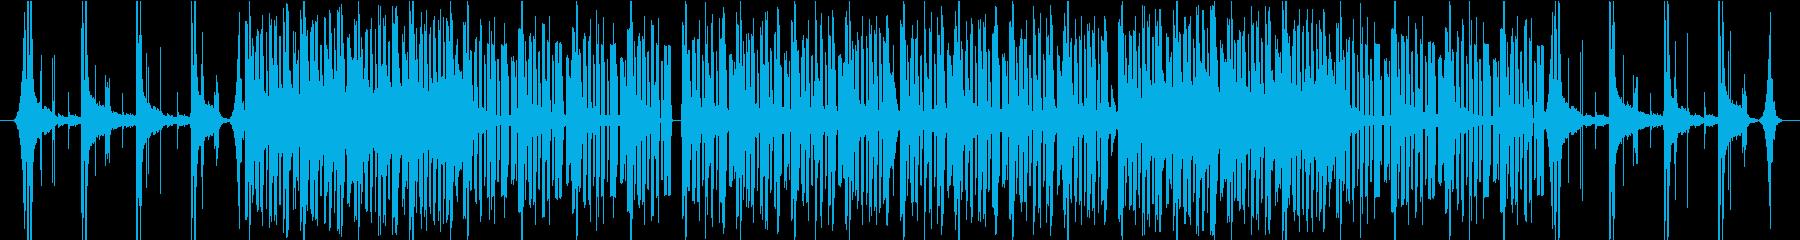 ピアノとストリングスの緊迫したBGMの再生済みの波形